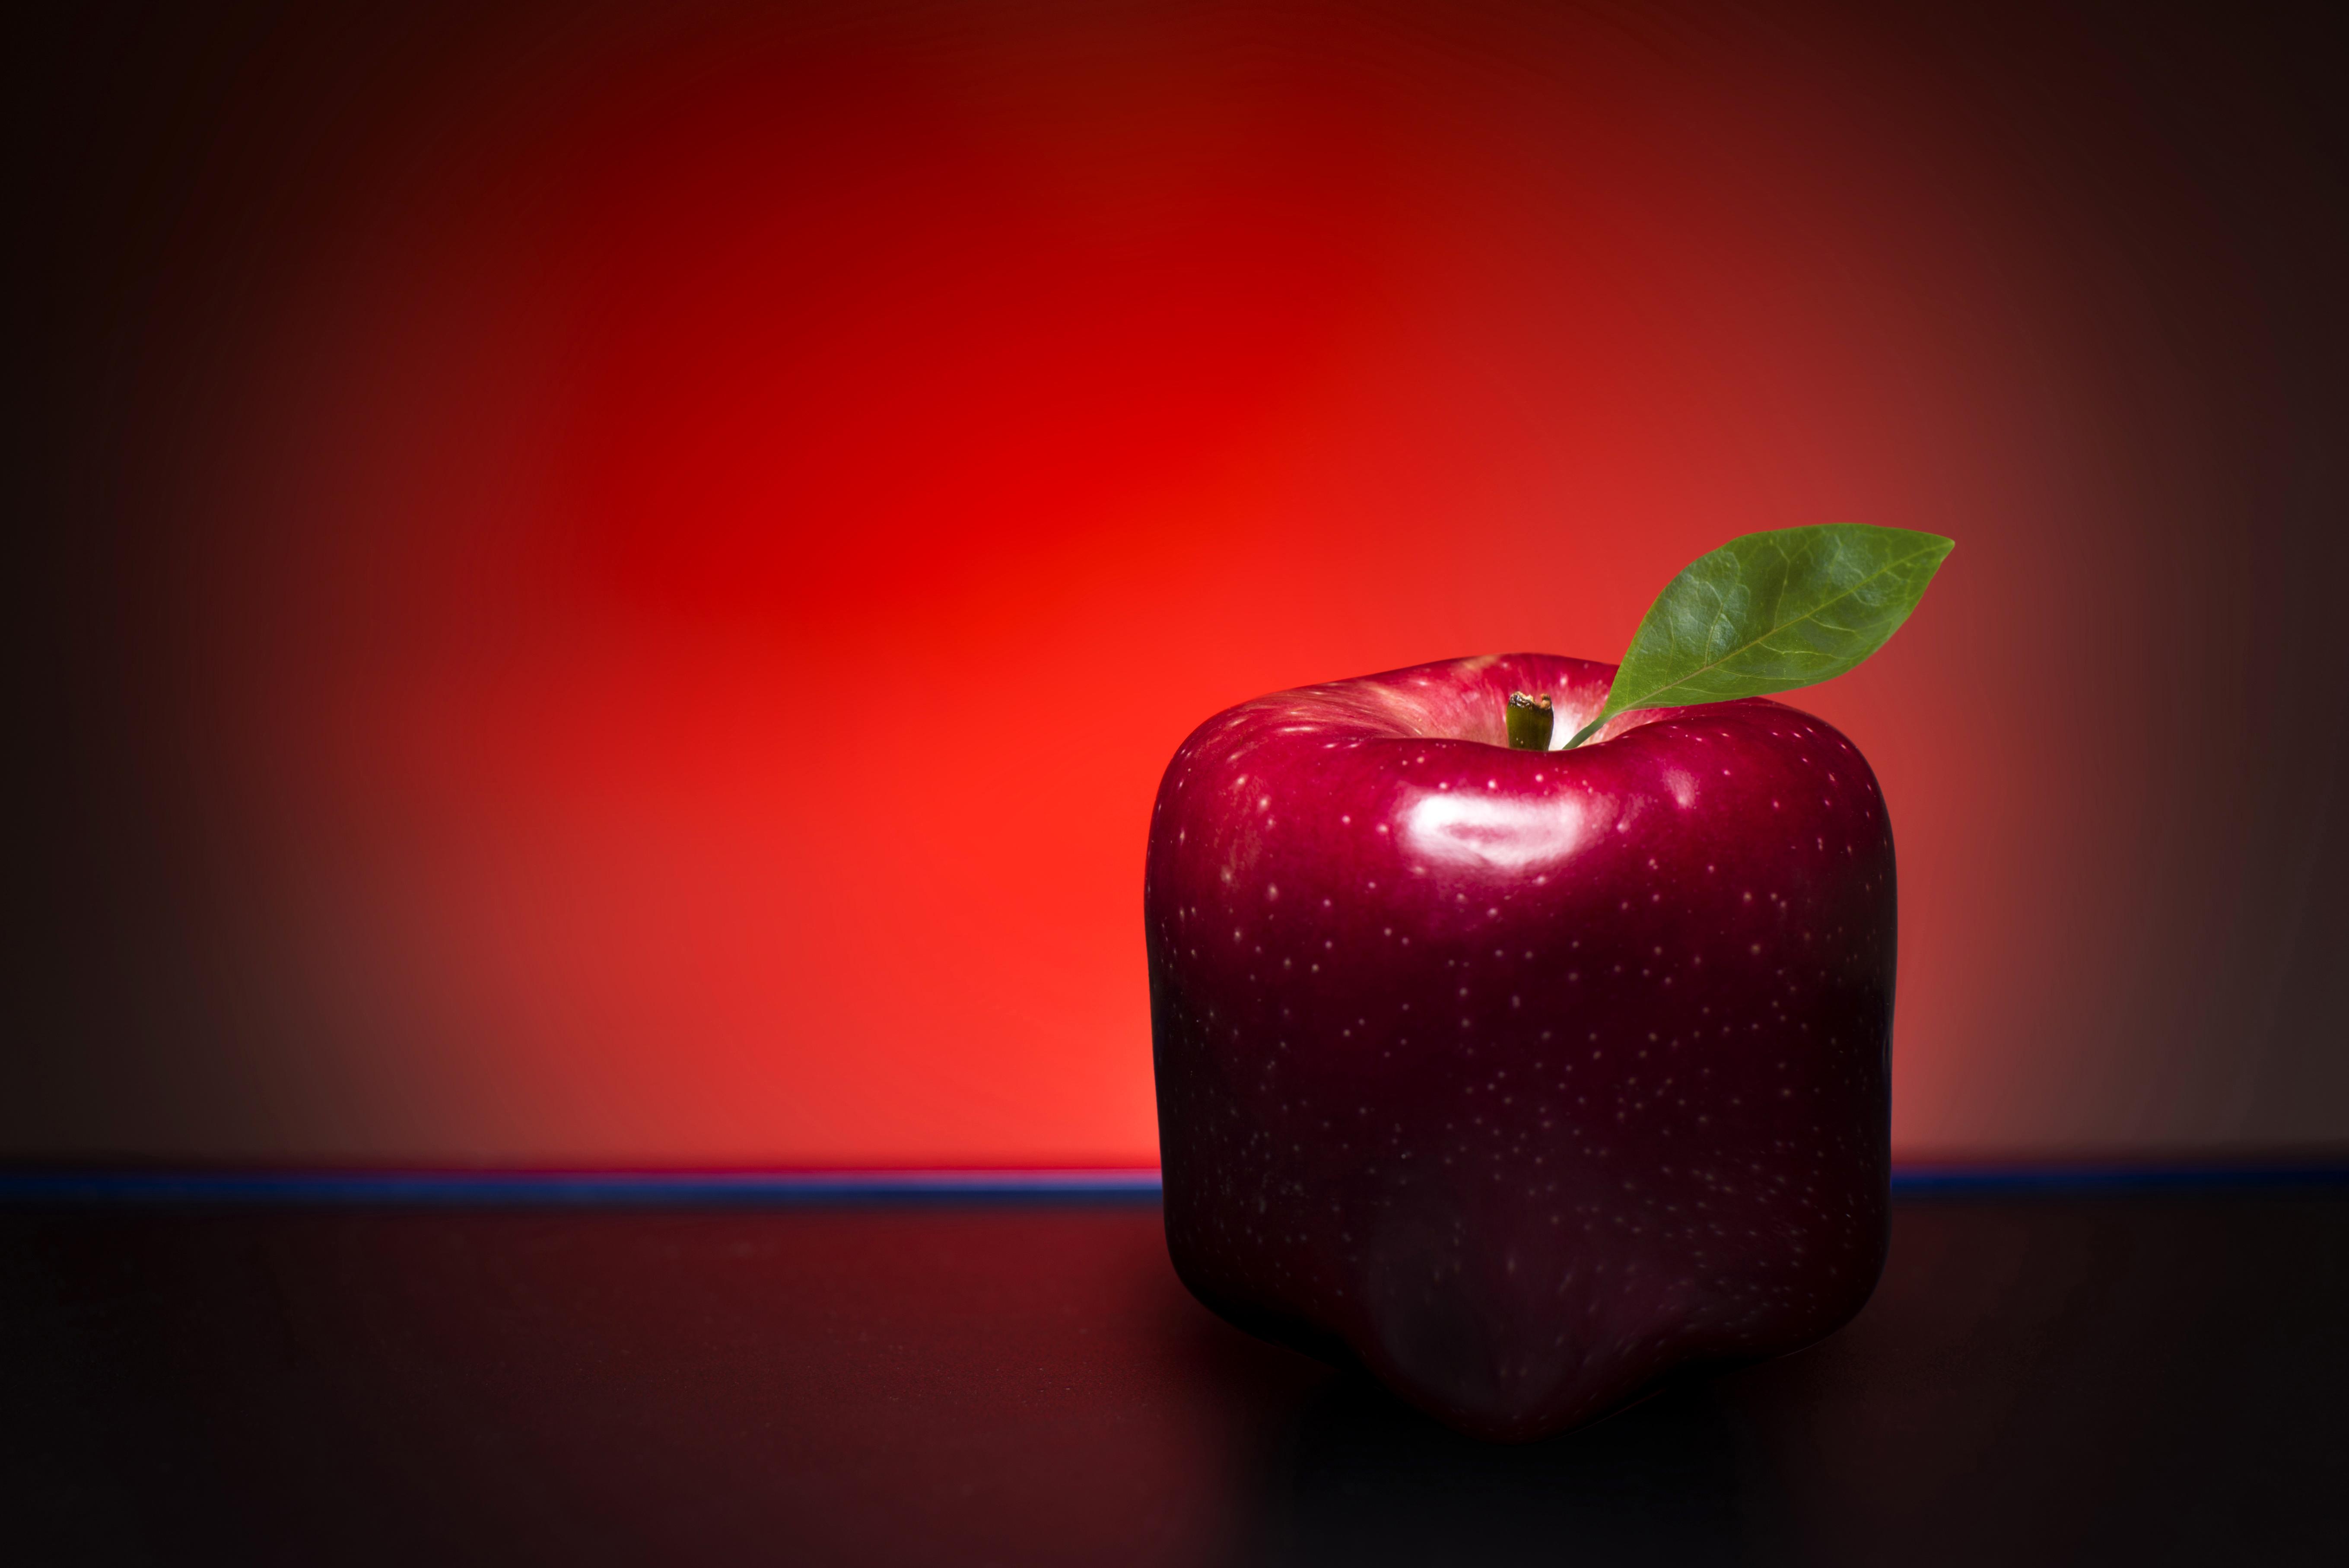 Обои для рабочего стола красная Яблоки оригинальные Пища Крупным планом 5437x3629 красных красные Красный Креатив креативные Еда Продукты питания вблизи